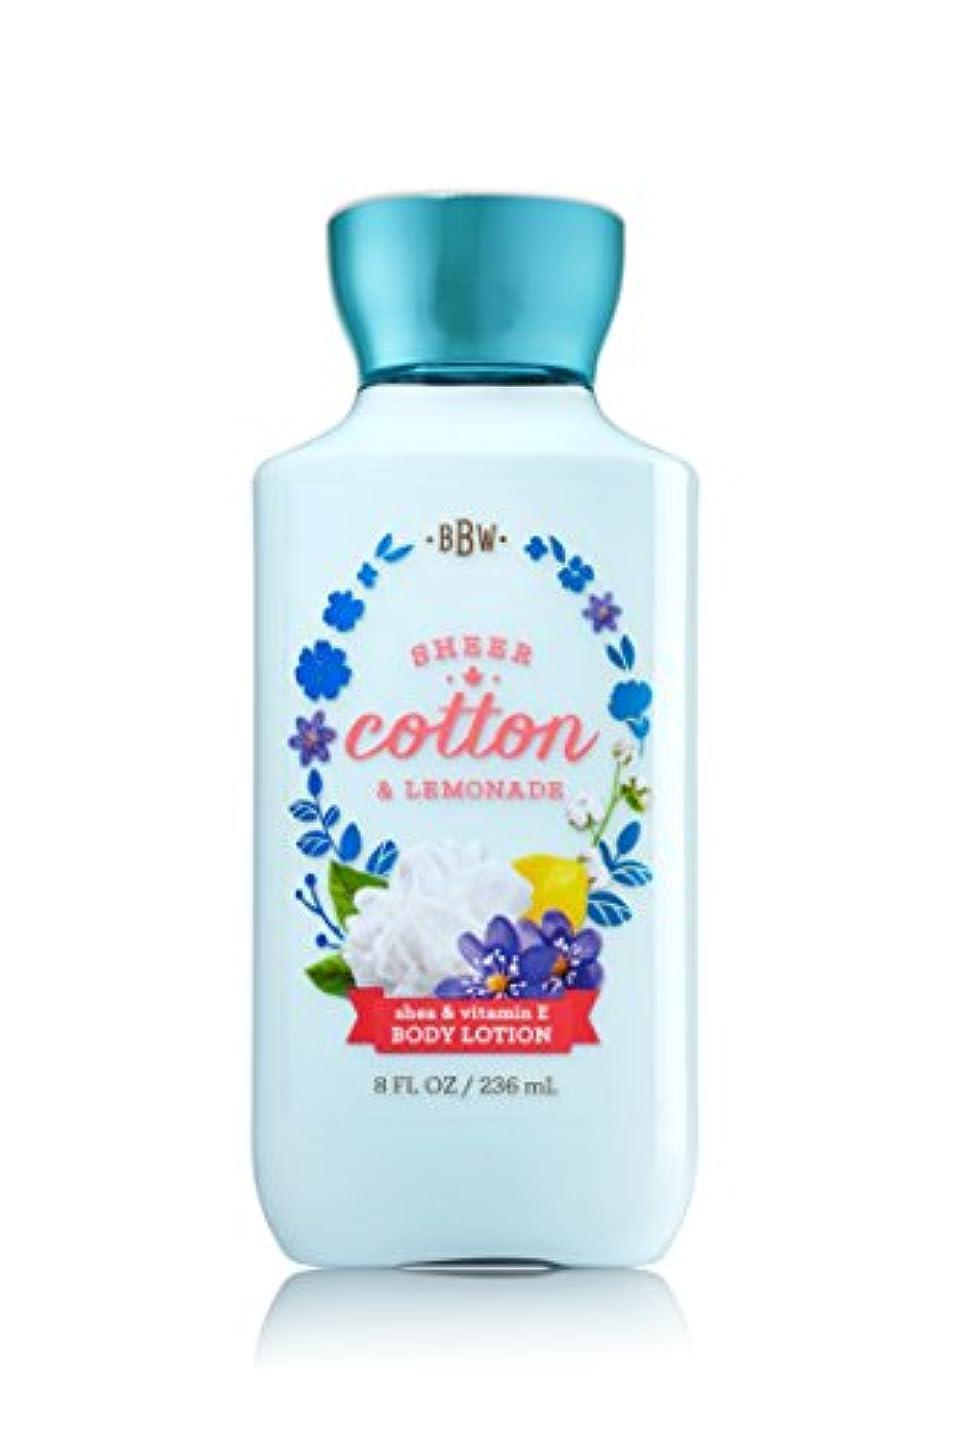 間違いペチコート住人【Bath&Body Works/バス&ボディワークス】 ボディローション シアーコットン&レモネード Body Lotion Sheer Cotton & Lemonade 8 fl oz / 236 mL [並行輸入品]